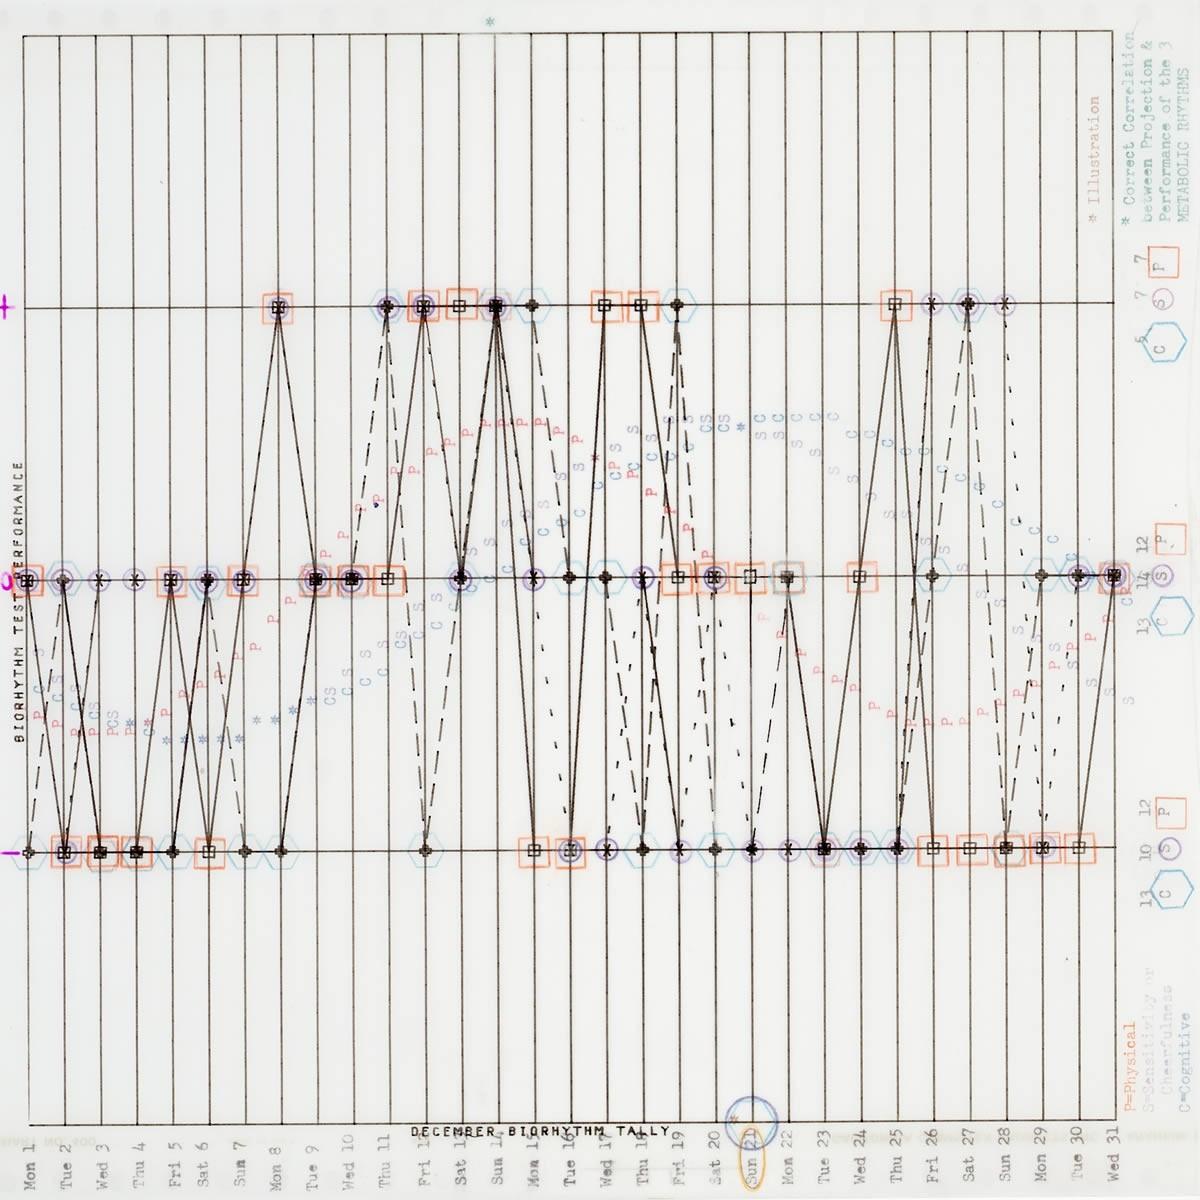 Biorhythm Analysis